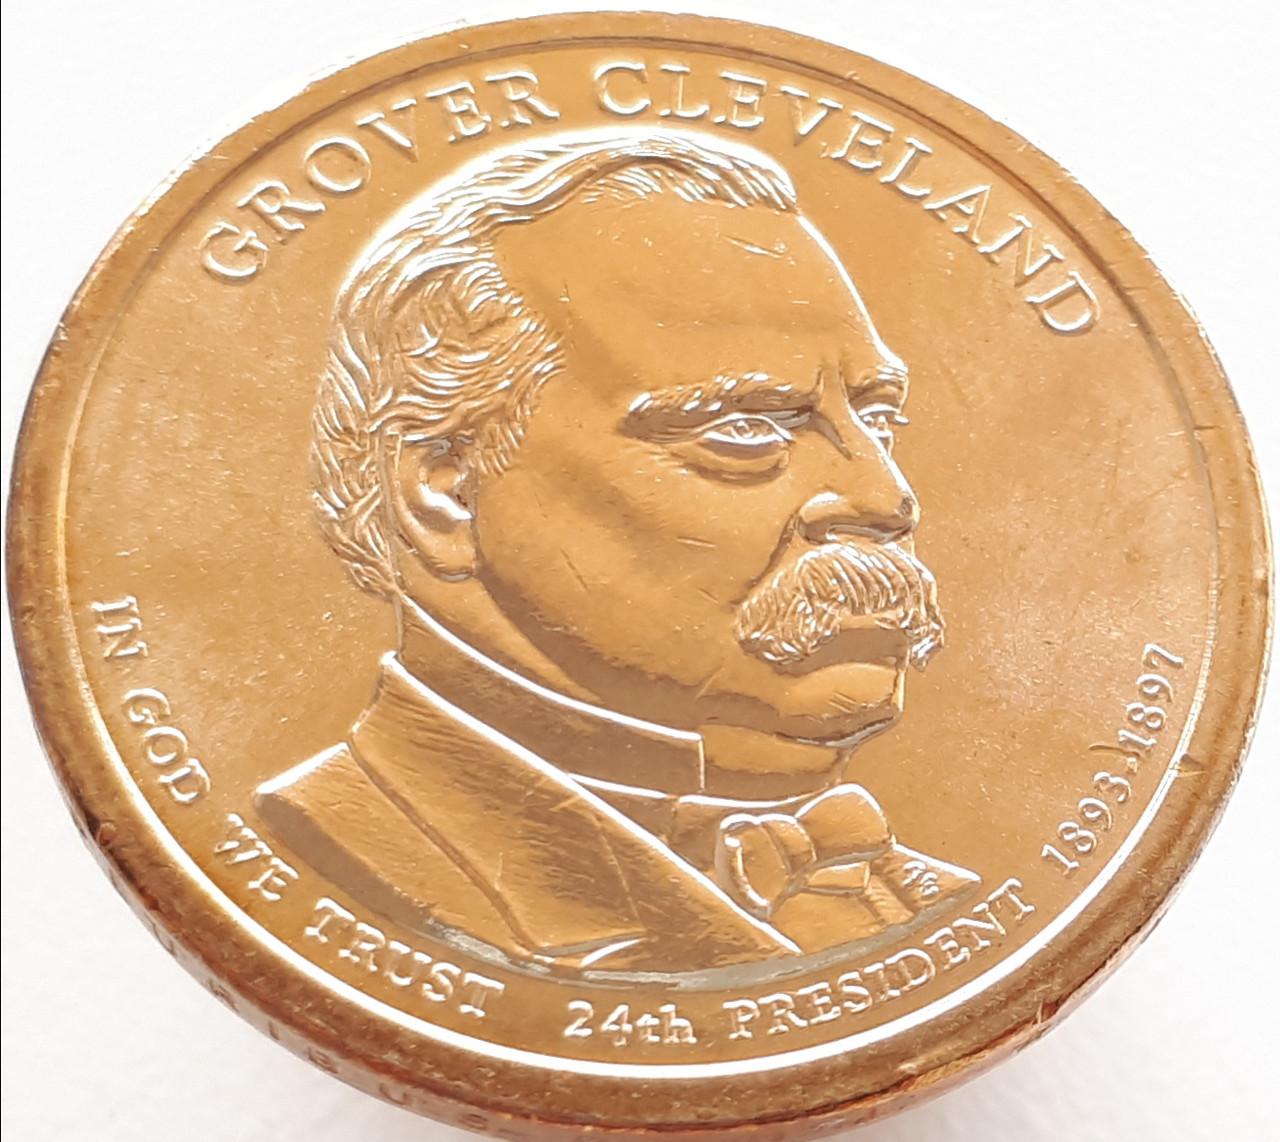 США 1 долар 2012 - Гровер Клівленд 24 Президент